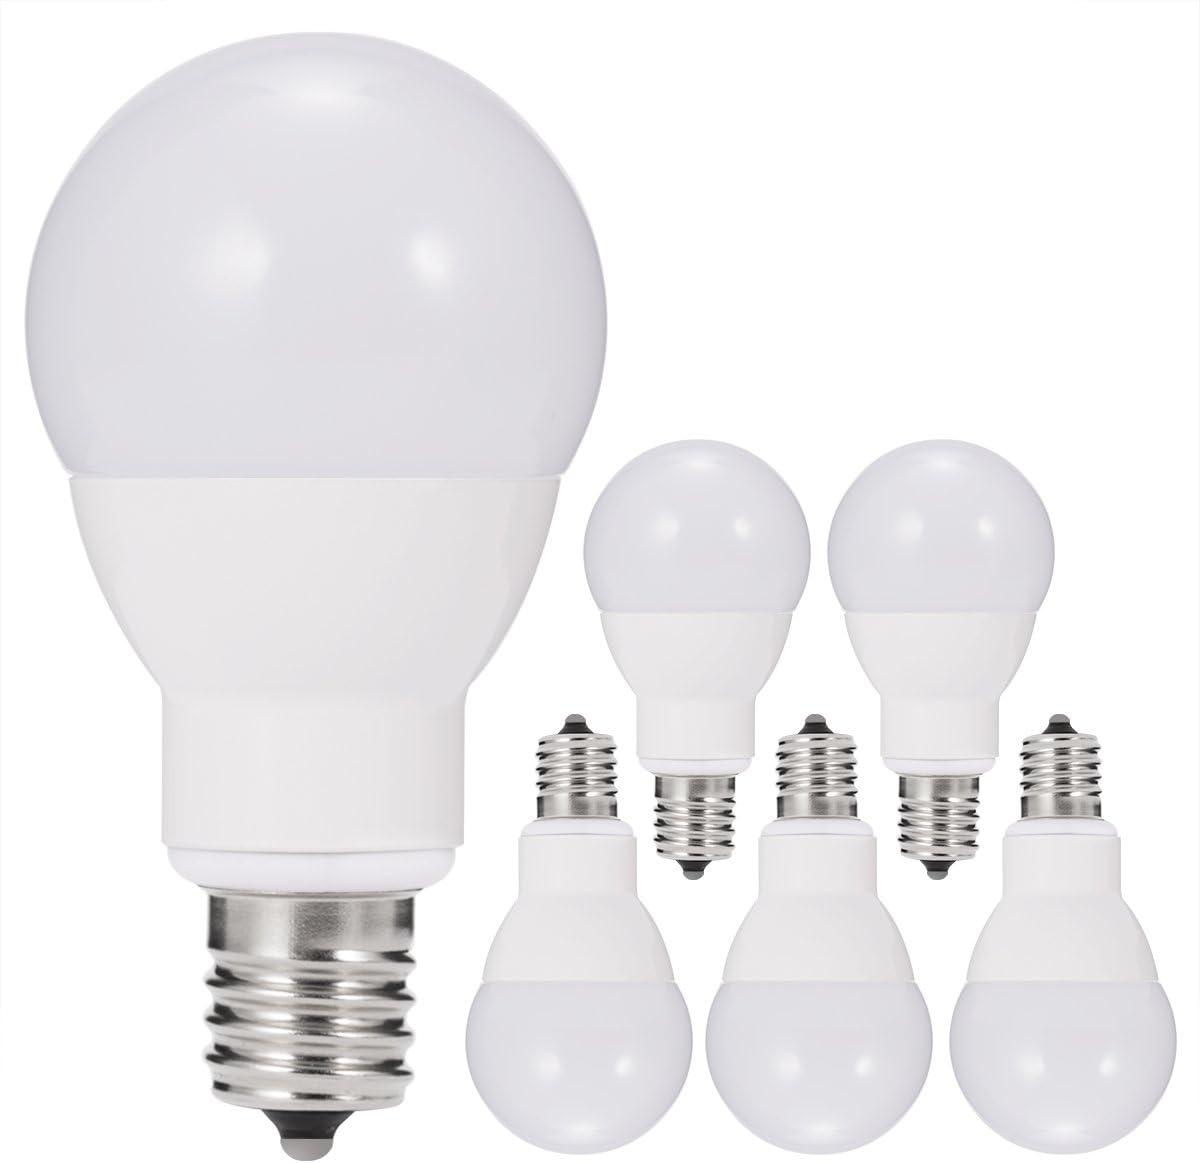 JandCase E17 Globe Light Bulbs, 40W Equivalent, 5W, 450 LM, Natural Daylight White 4000K, Slender G14 LED Bulbs for Ceiling Fan, Headboard Reading Light, Intermediate E17 Base, Not Dimmable, 6 Pack